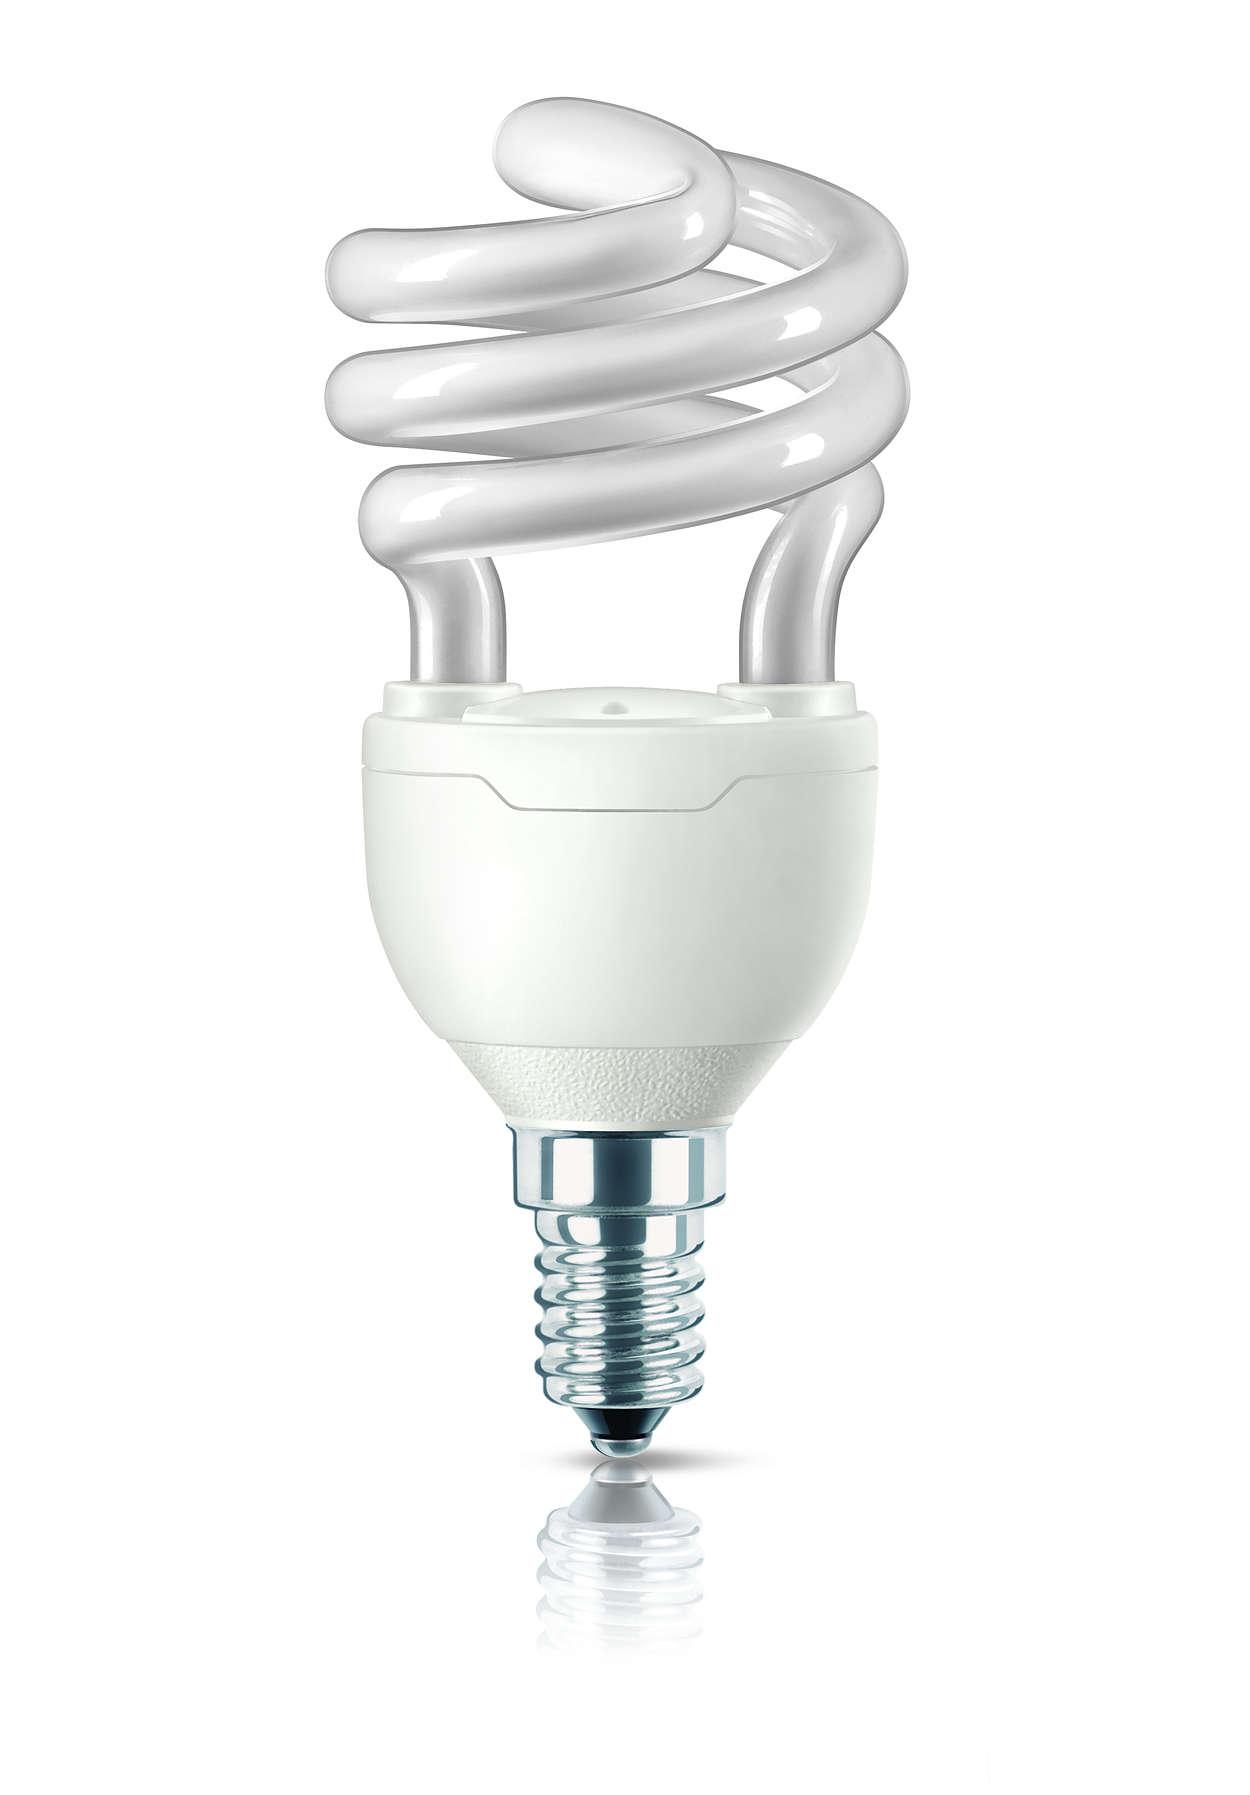 La plus petite ampoule à économie d'énergie